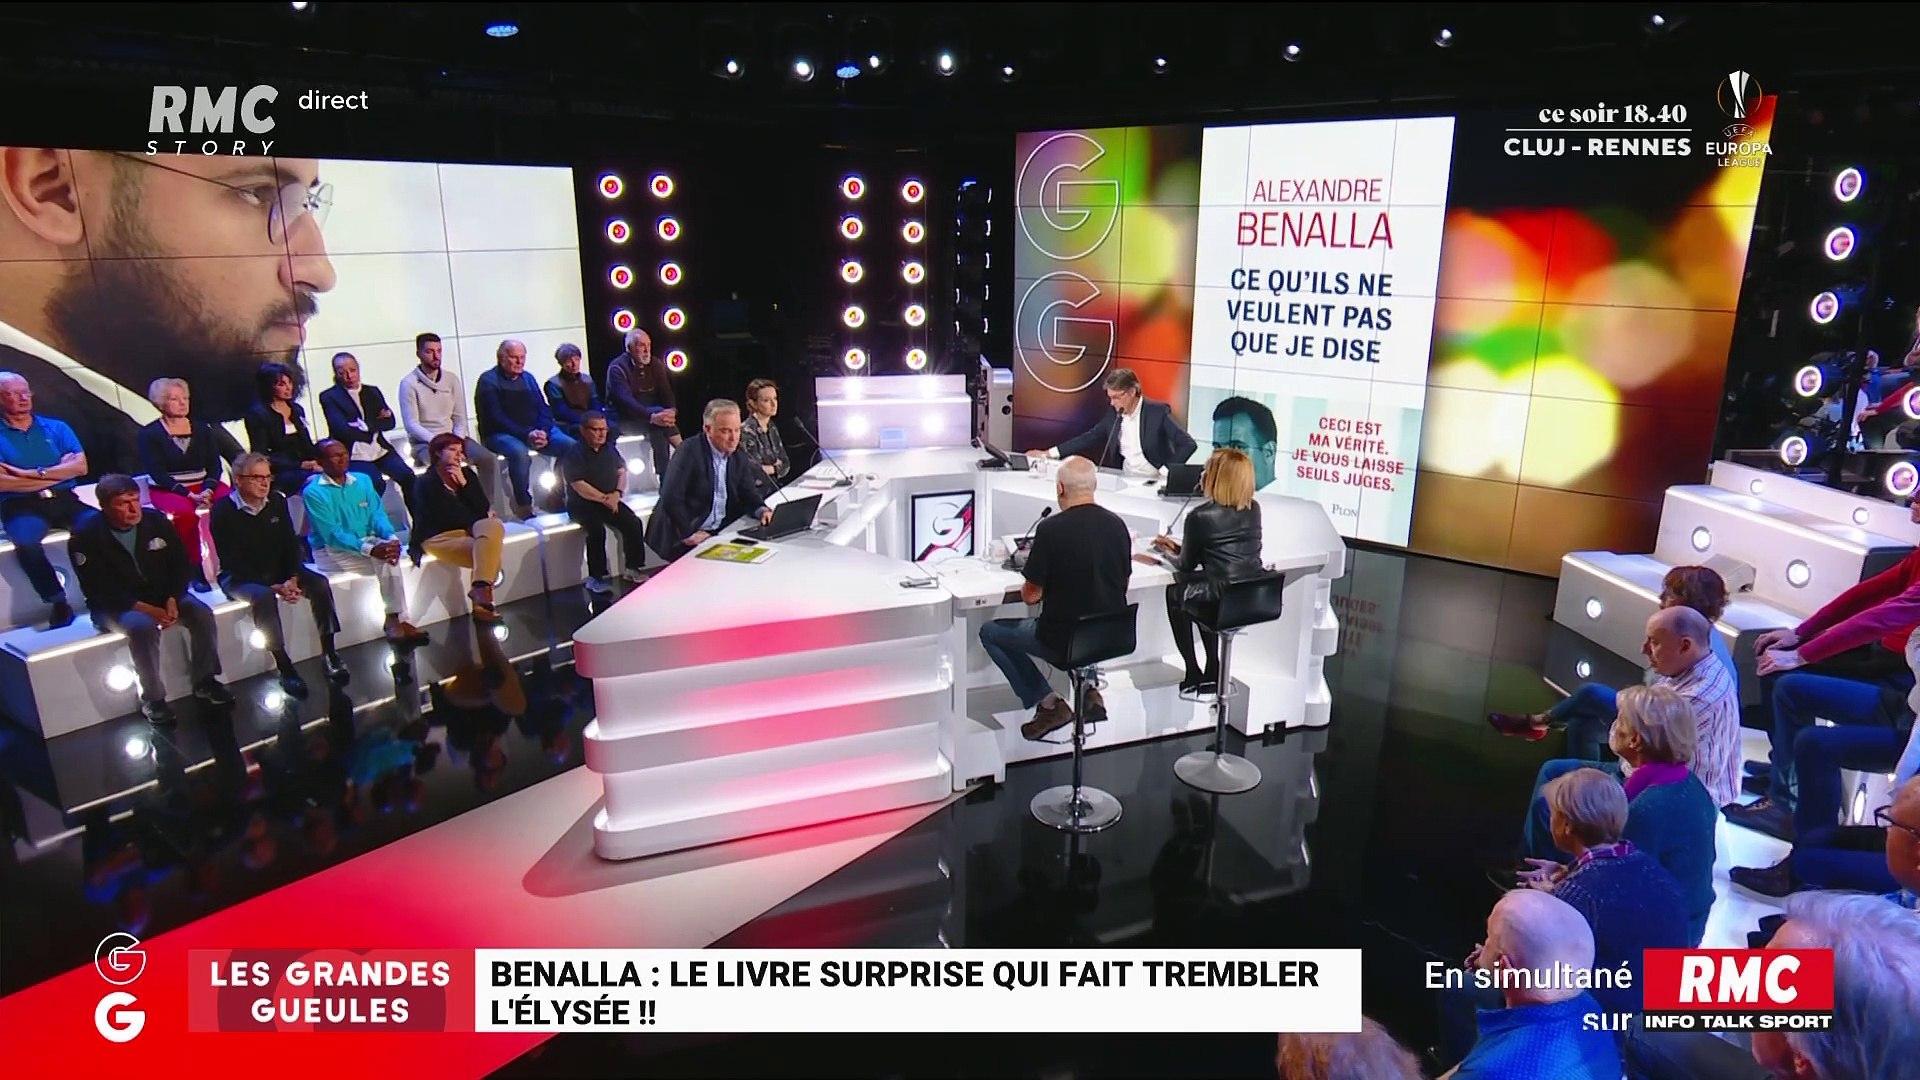 Benalla Le Livre Surprise Qui Fait Trembler L Elysee 07 11